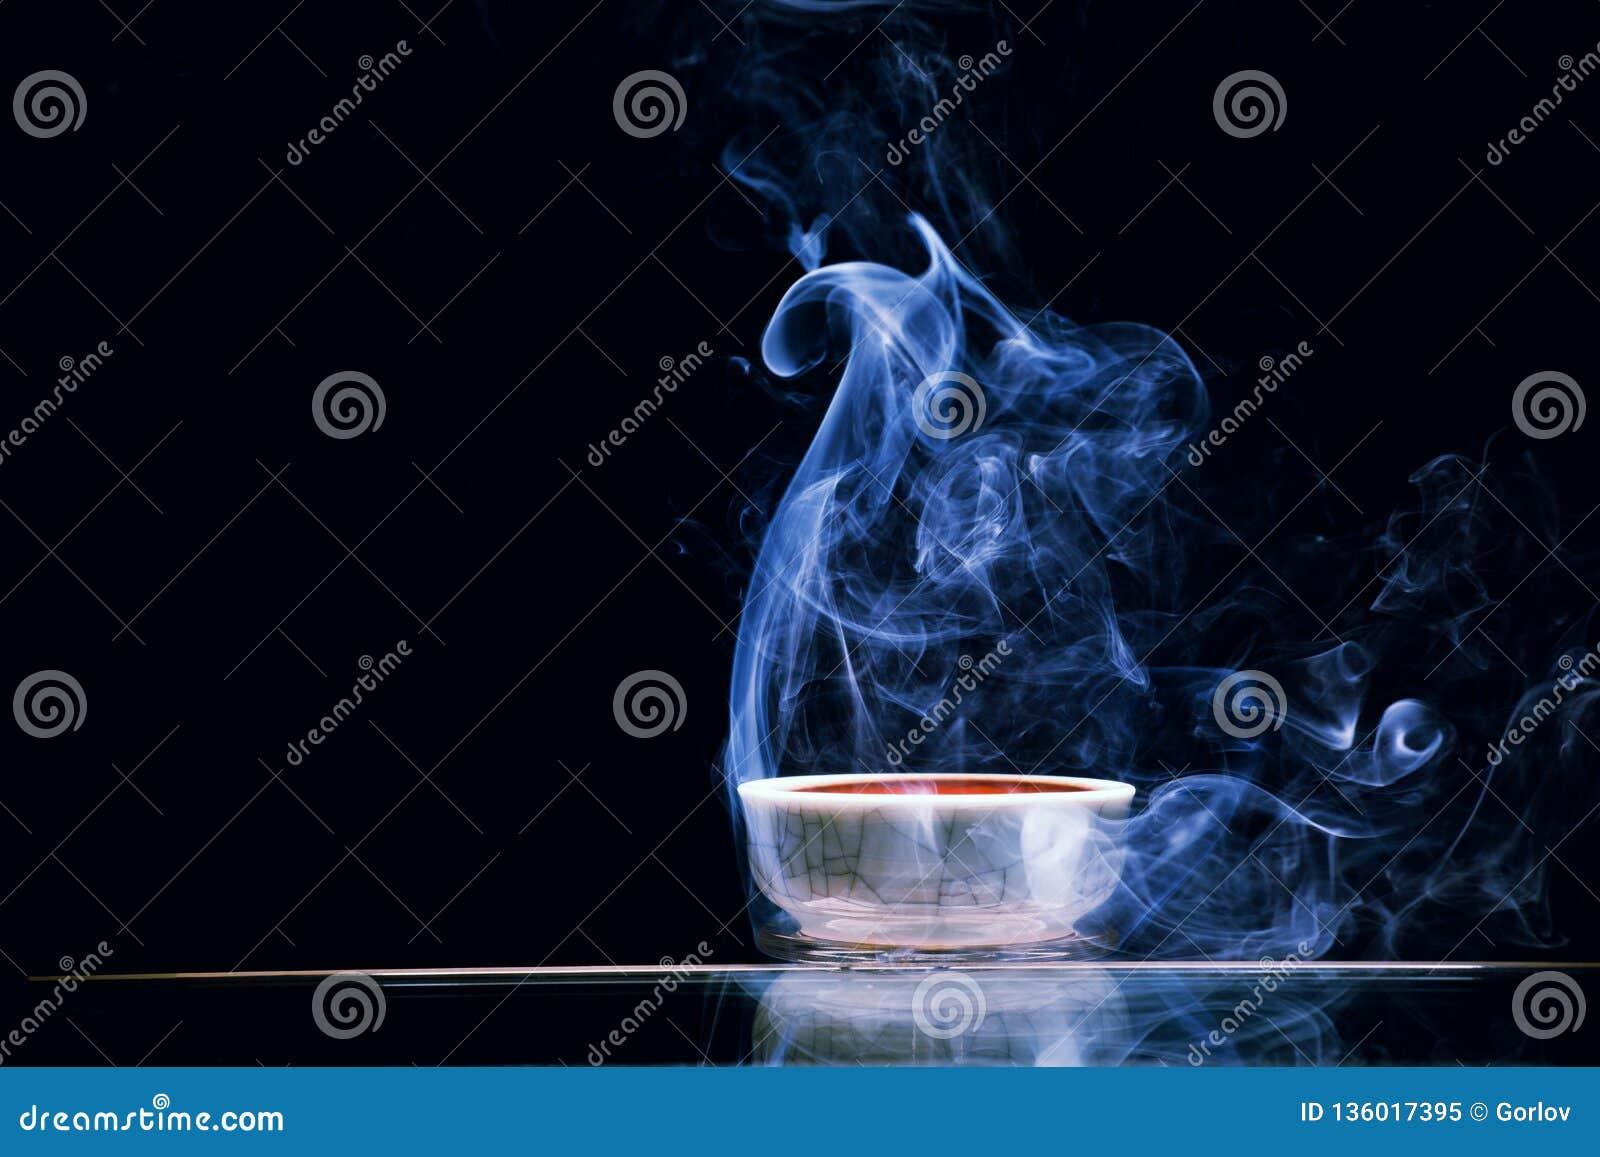 Fondo oscuro de té negro del humo chino de la taza nadie